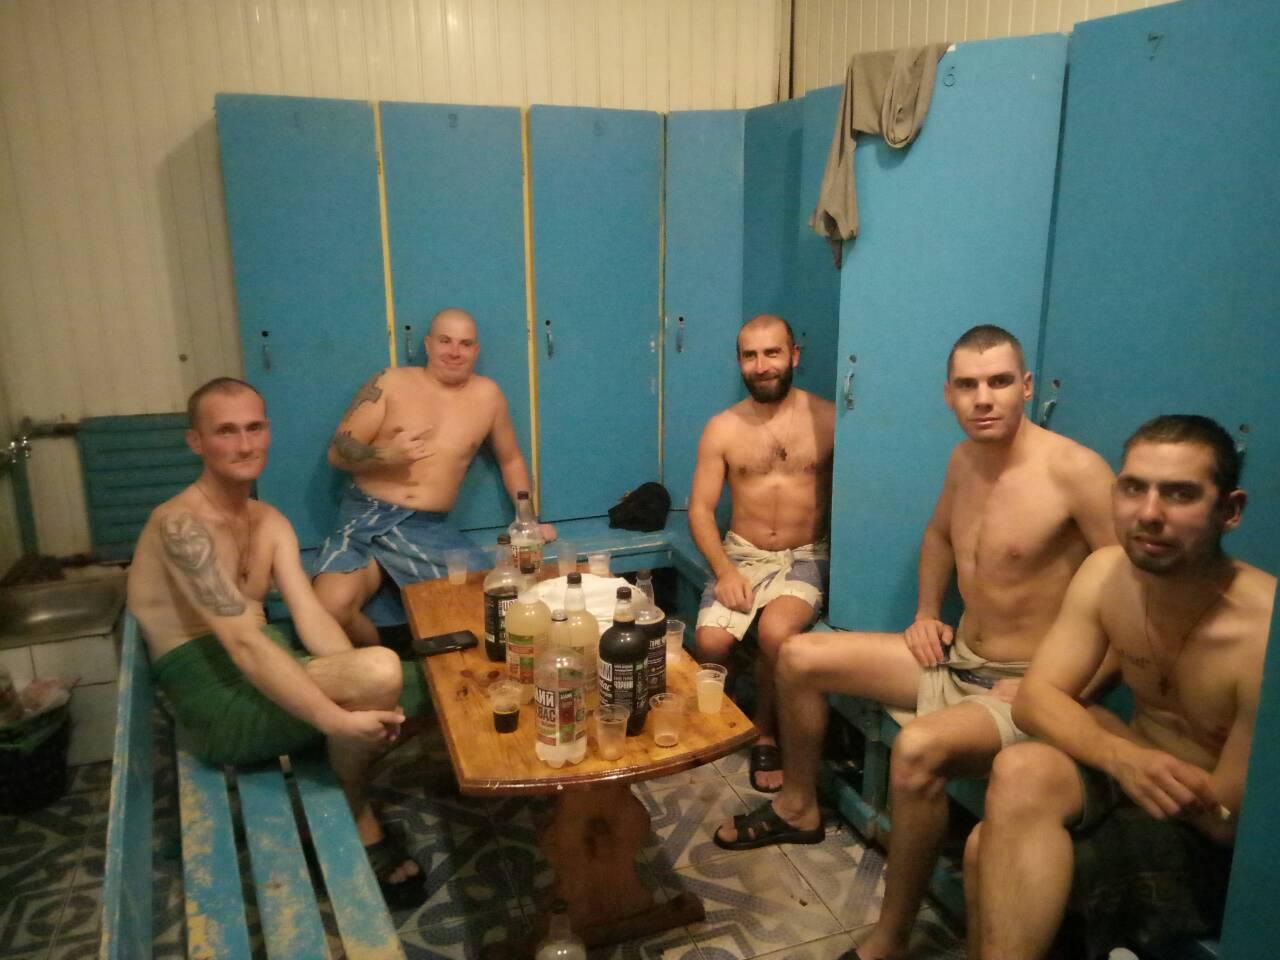 Социологическая помощь наркоманам, алкоголикам вшивание торпеды от алкоголизма фото